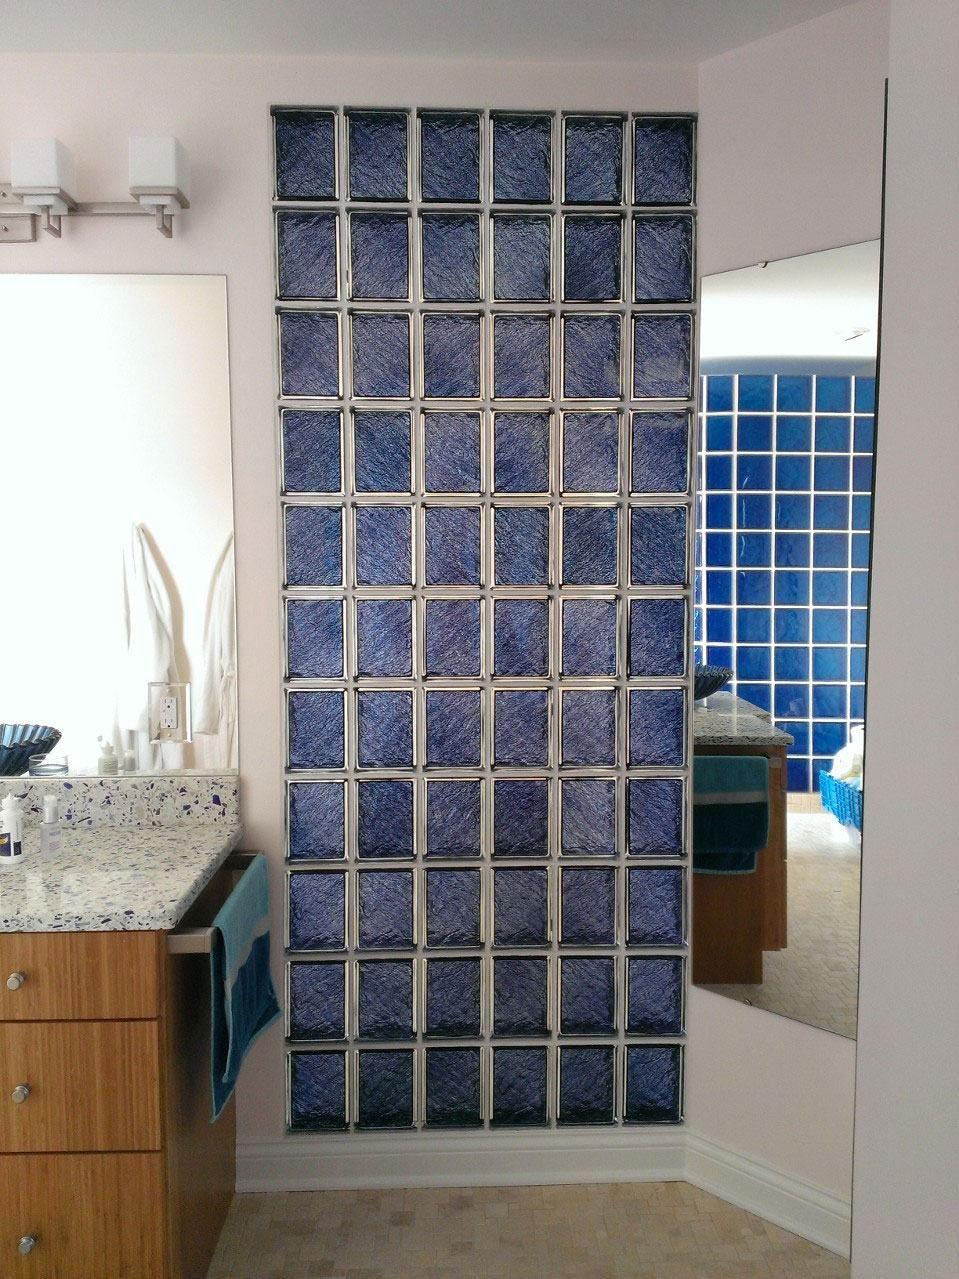 Tijolo De Vidro Modelos Pre Os E 60 Fotos Inspiradoras Vidro  -> Tijolo De Vidro Marrom